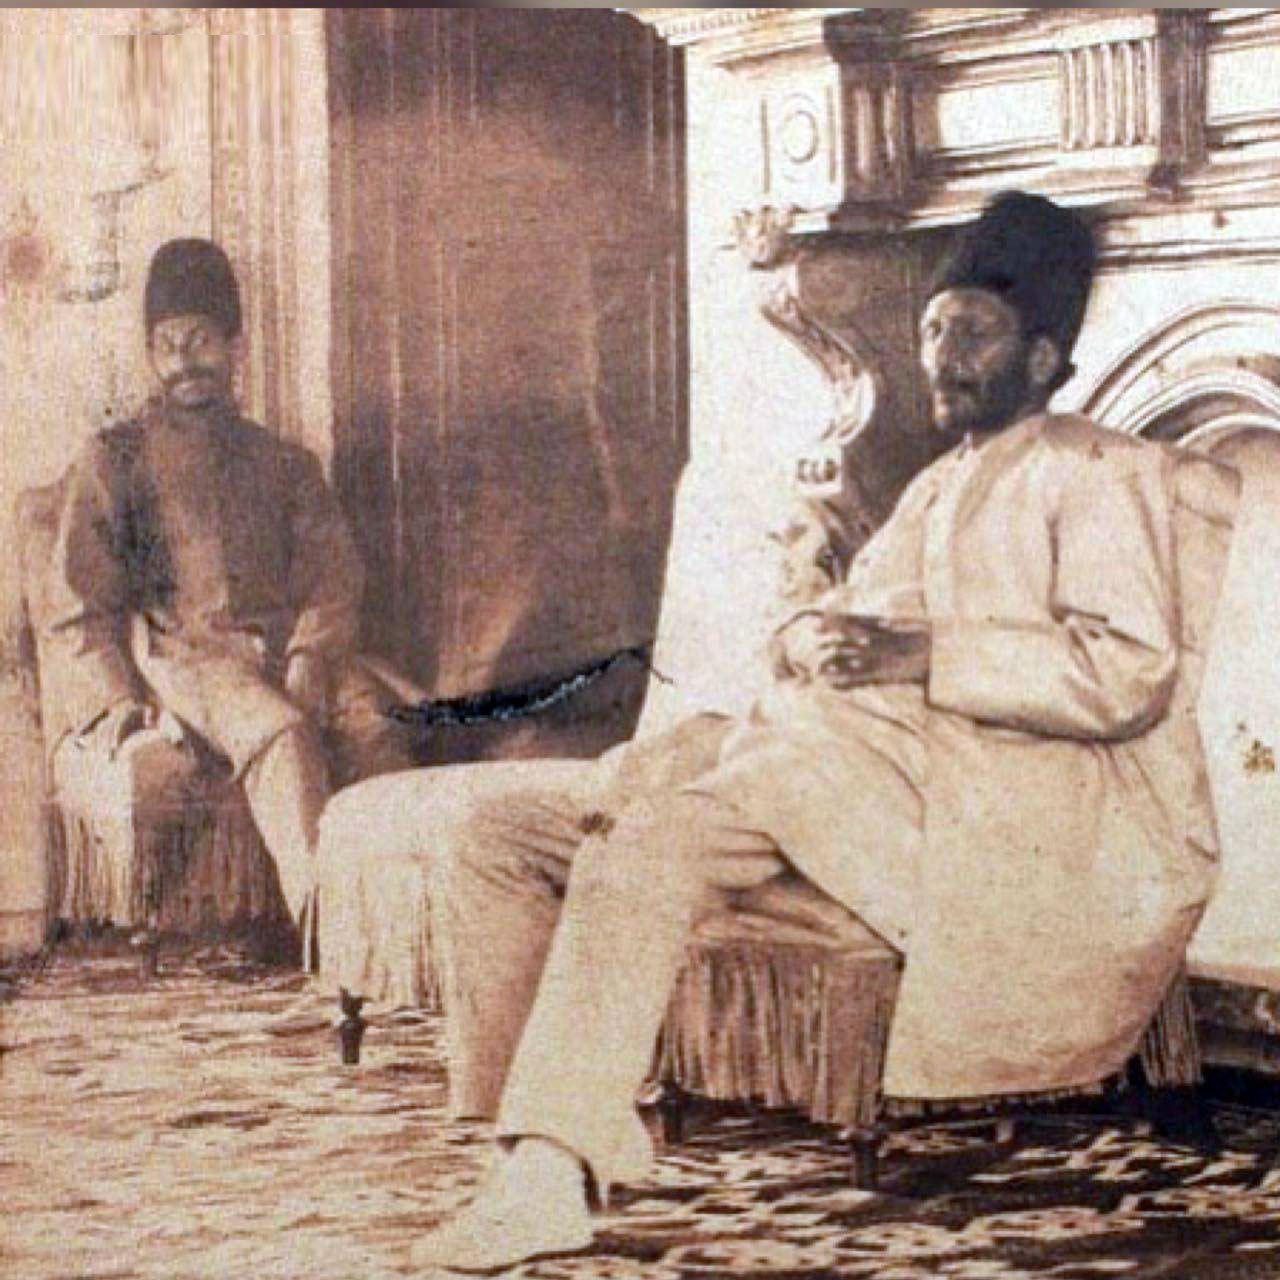 عکس: وقتی آقای چرتی سوژه ناصرالدین شاه شد!